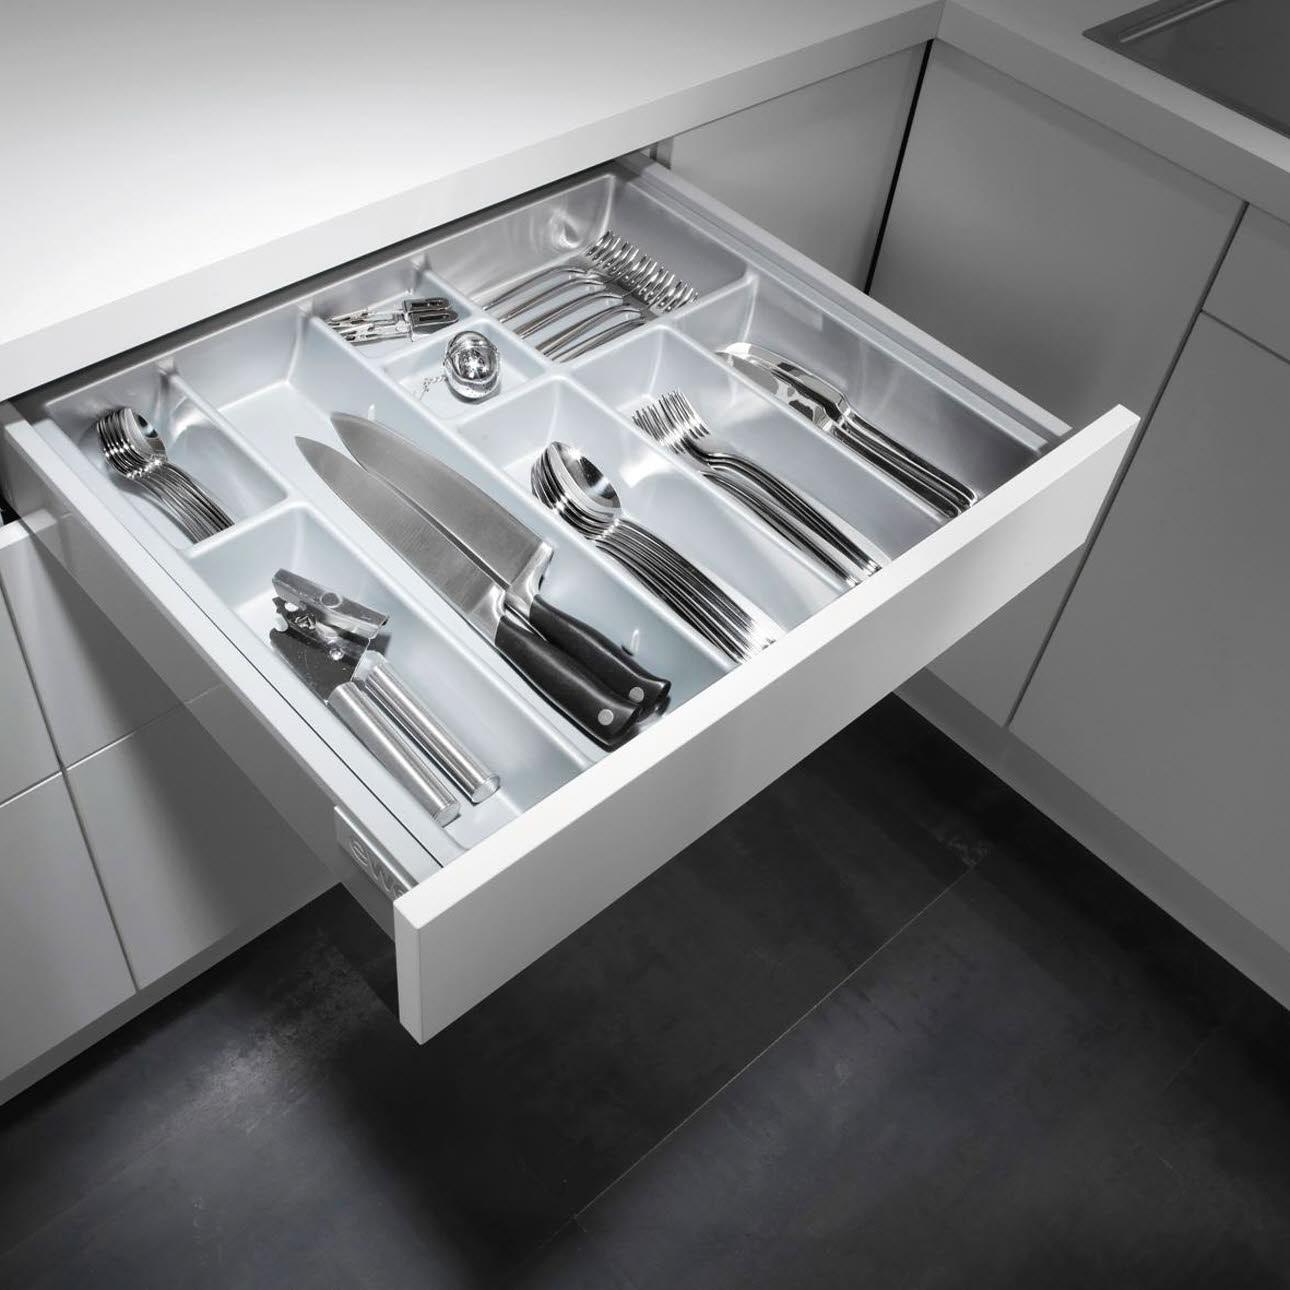 Ikea kuche besteckeinsatz for Ikea kuchen zubehor